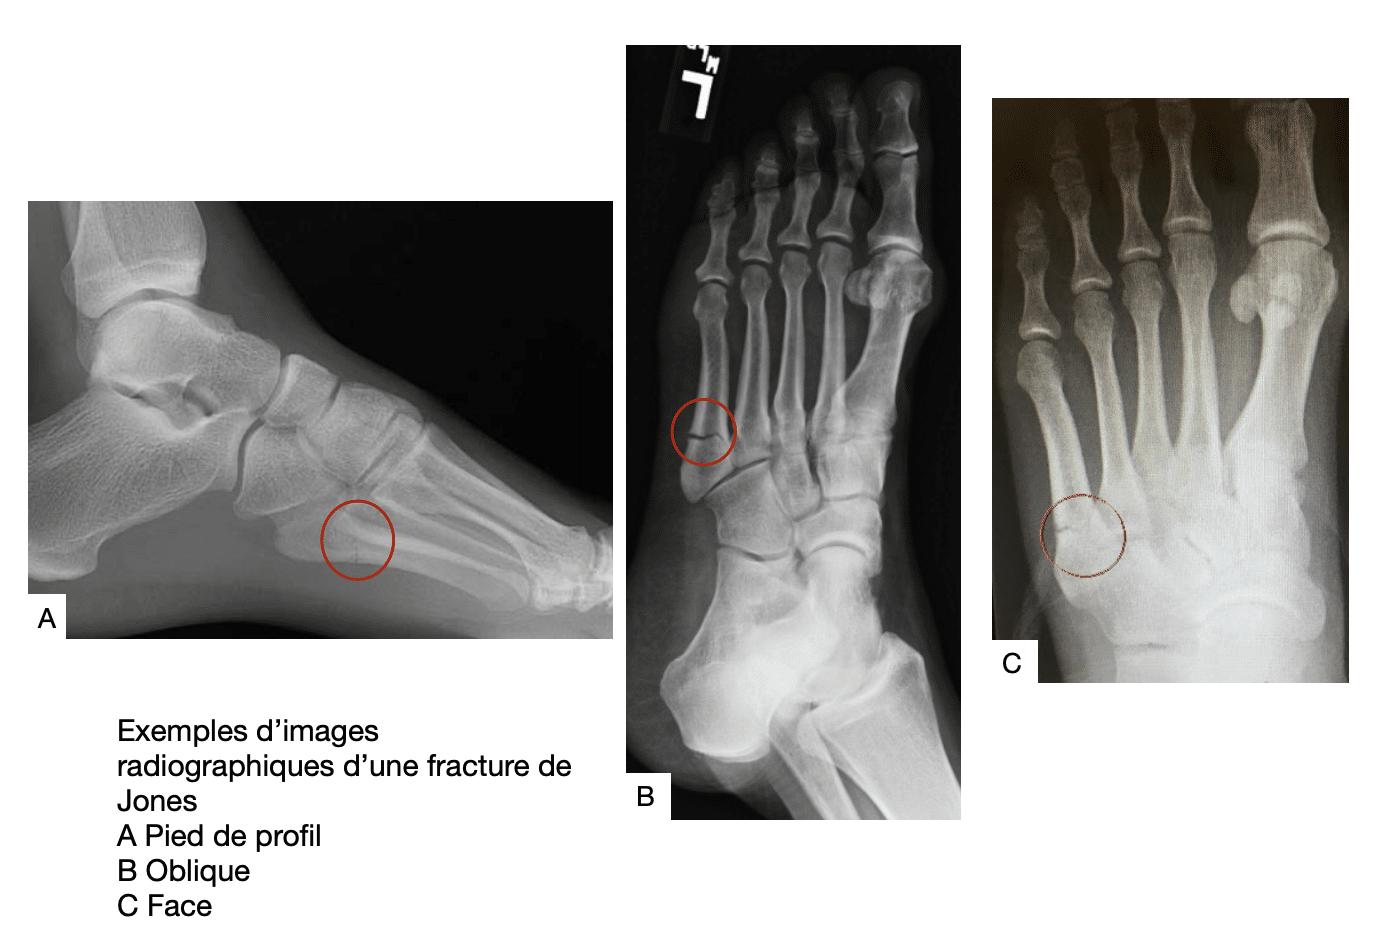 Radiographies d'une fracture de Jones